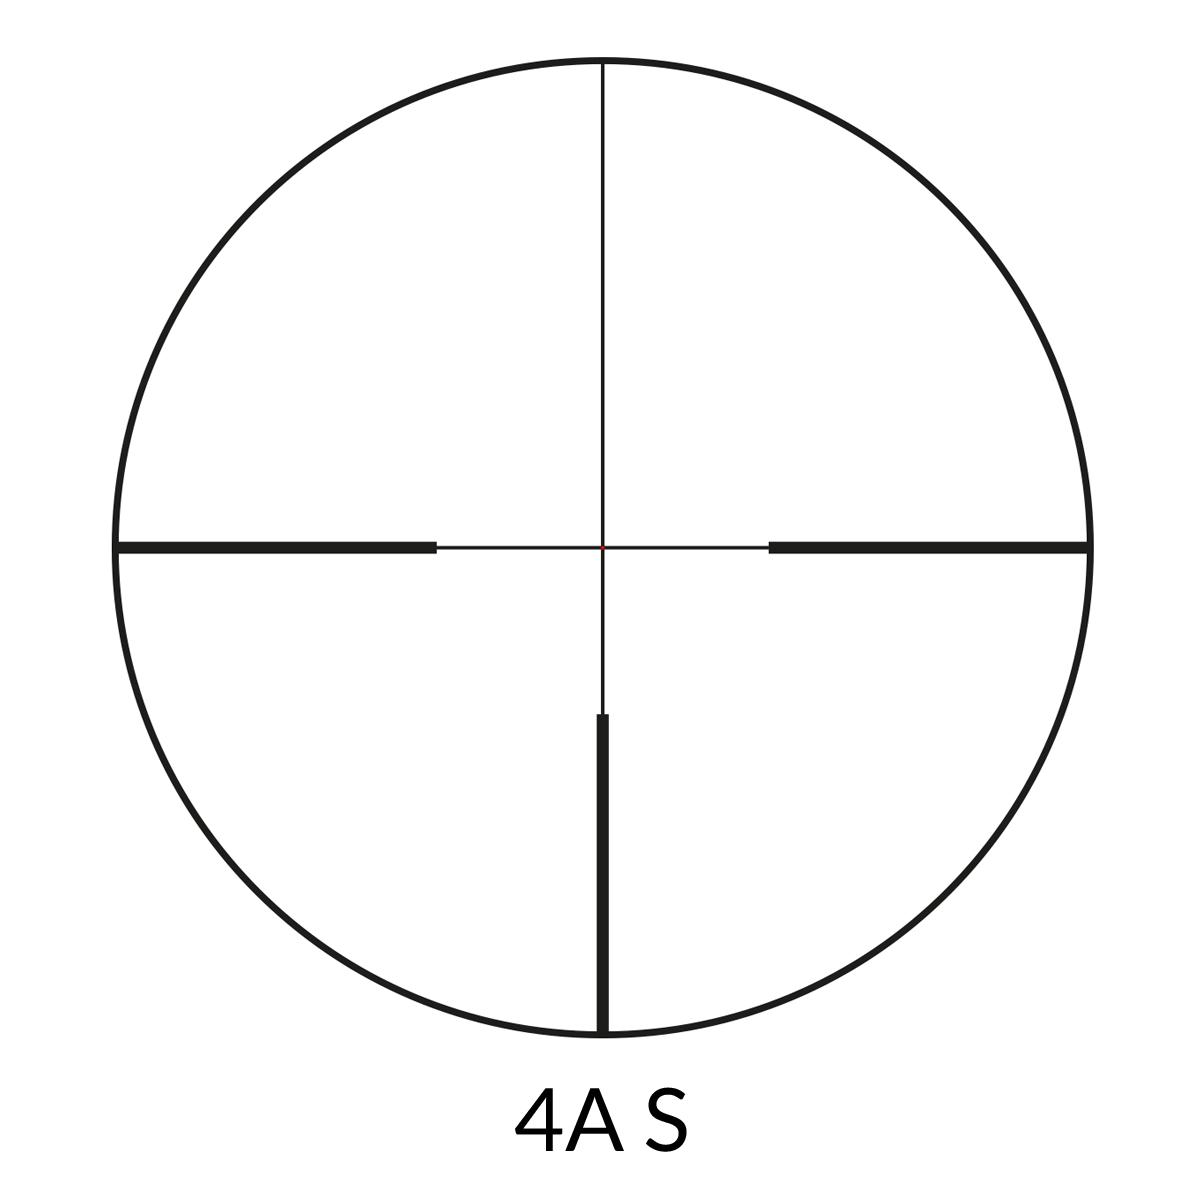 Kiikaritähtäin Delta Optical Titanium HD 1,5-9x45, valaistulla 4A-S ristikolla